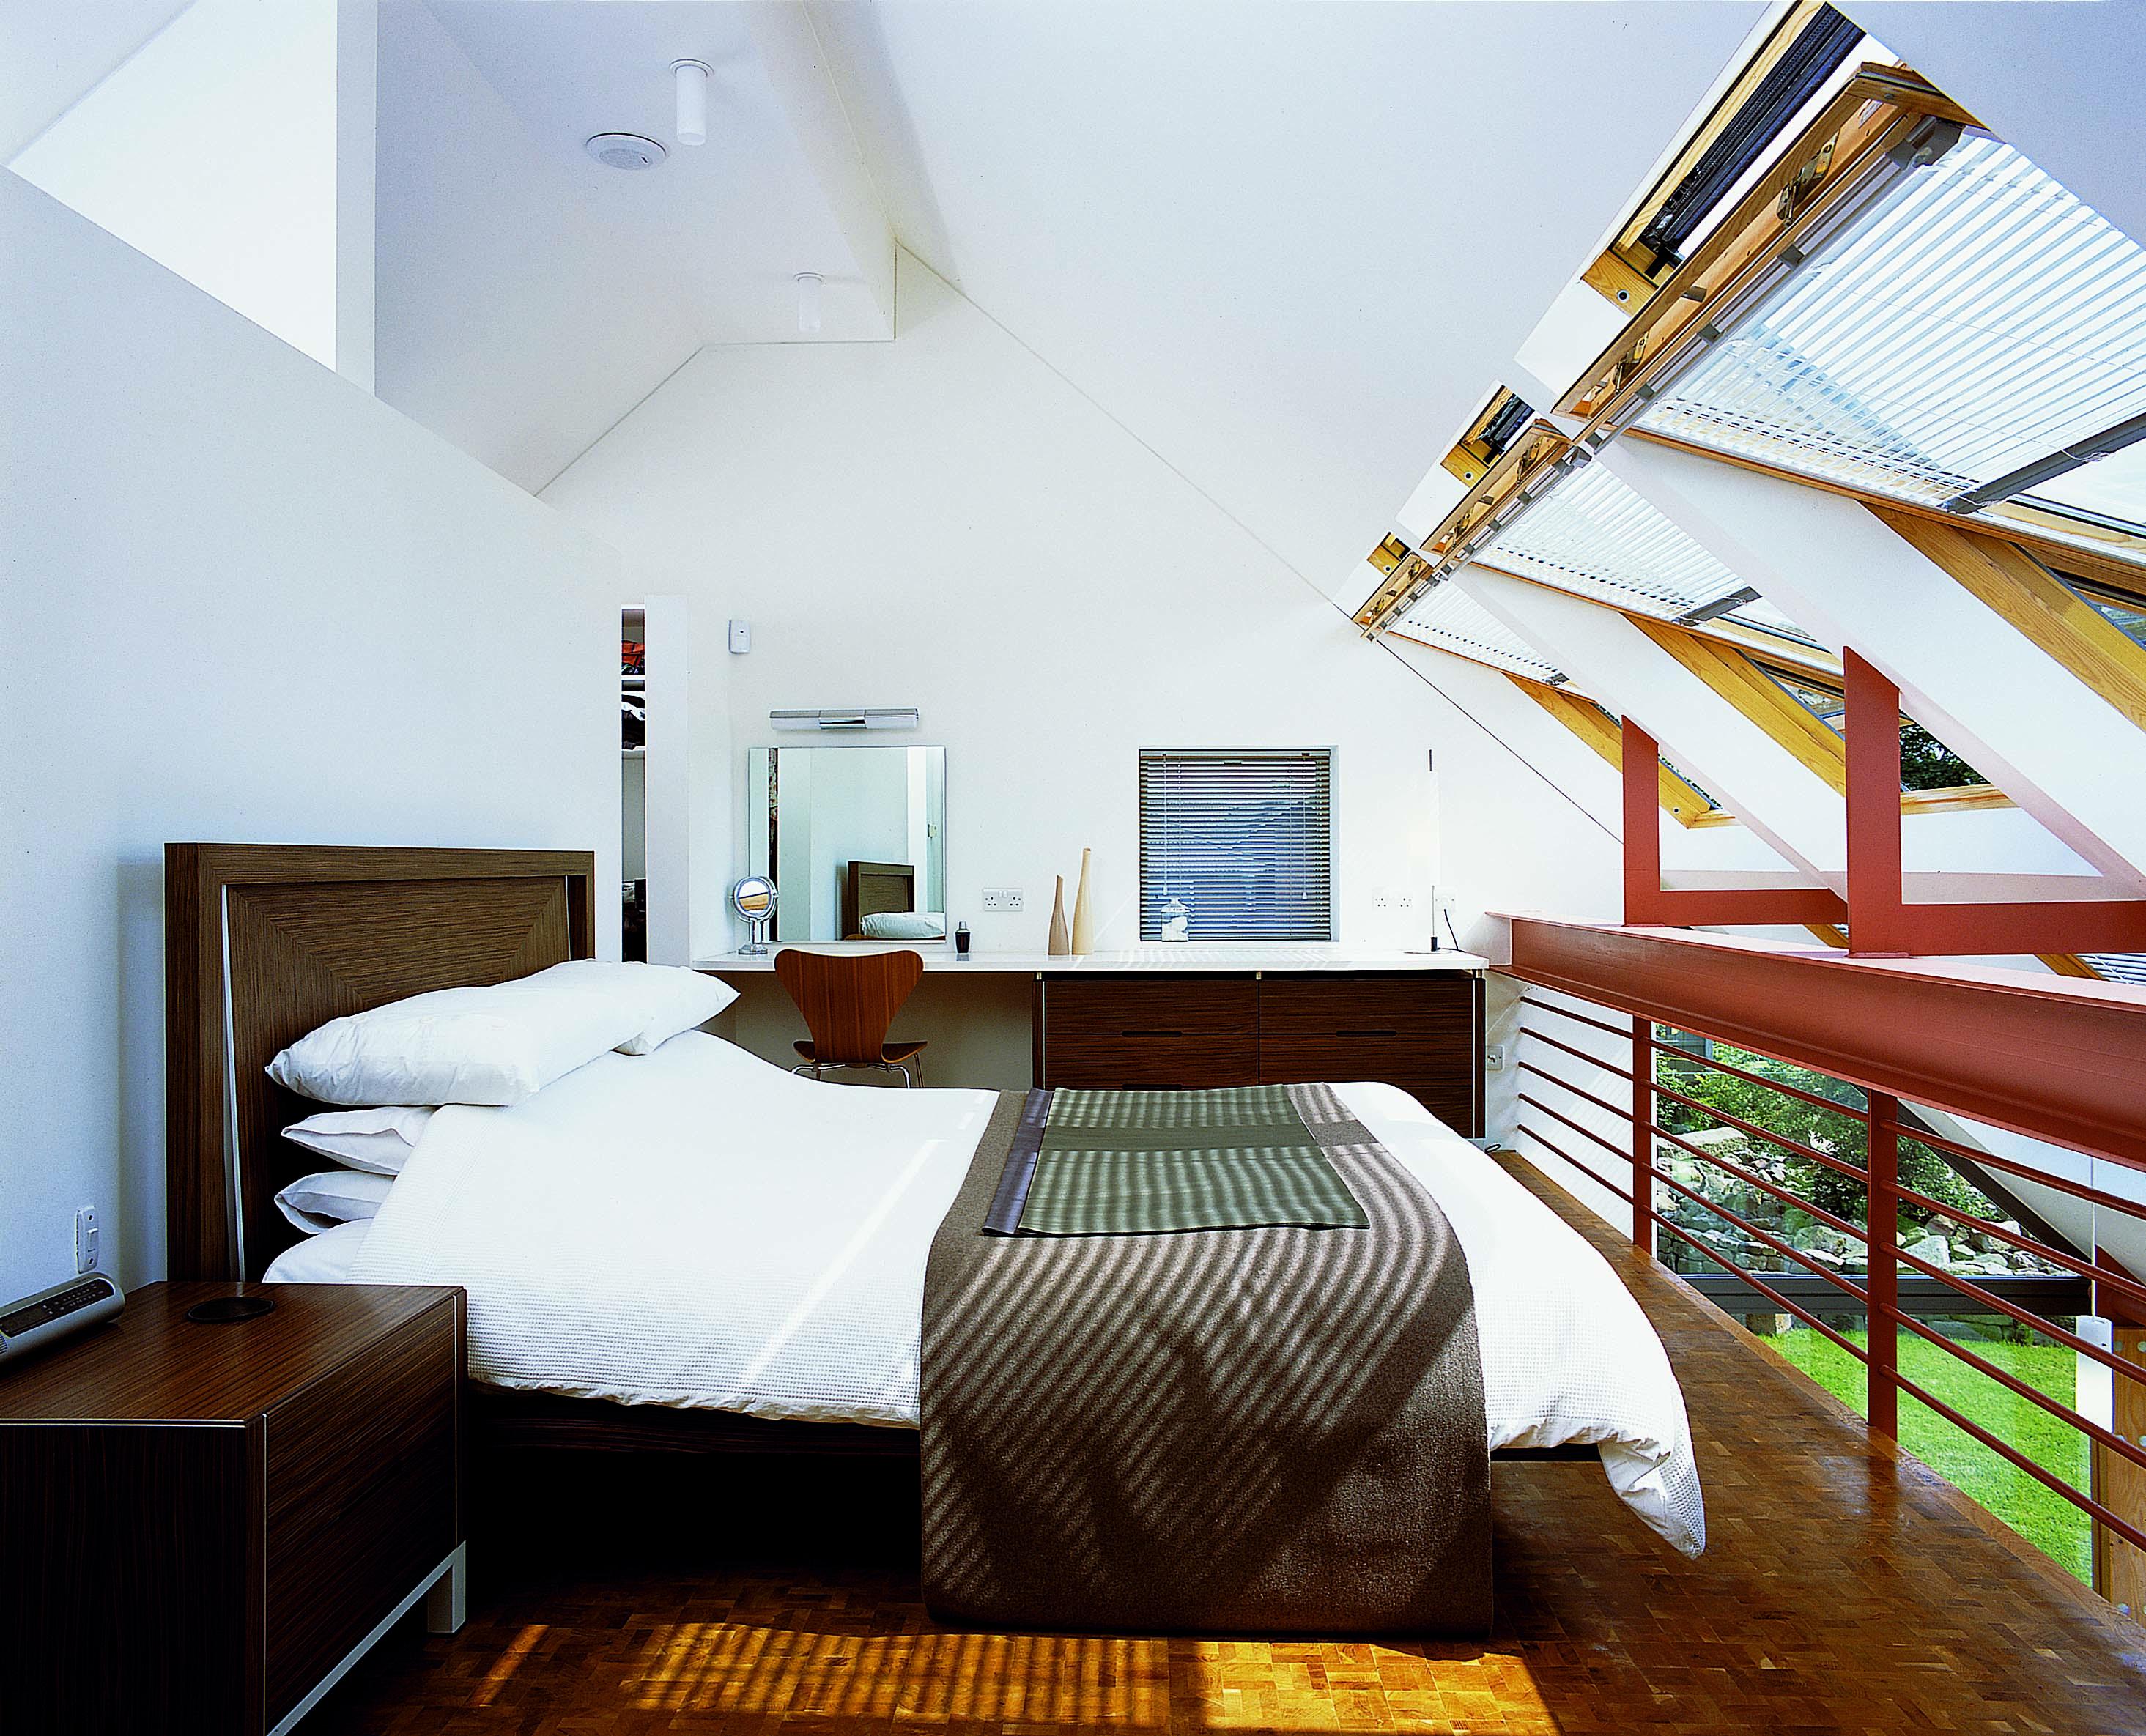 La camera da letto con le finestre Velux